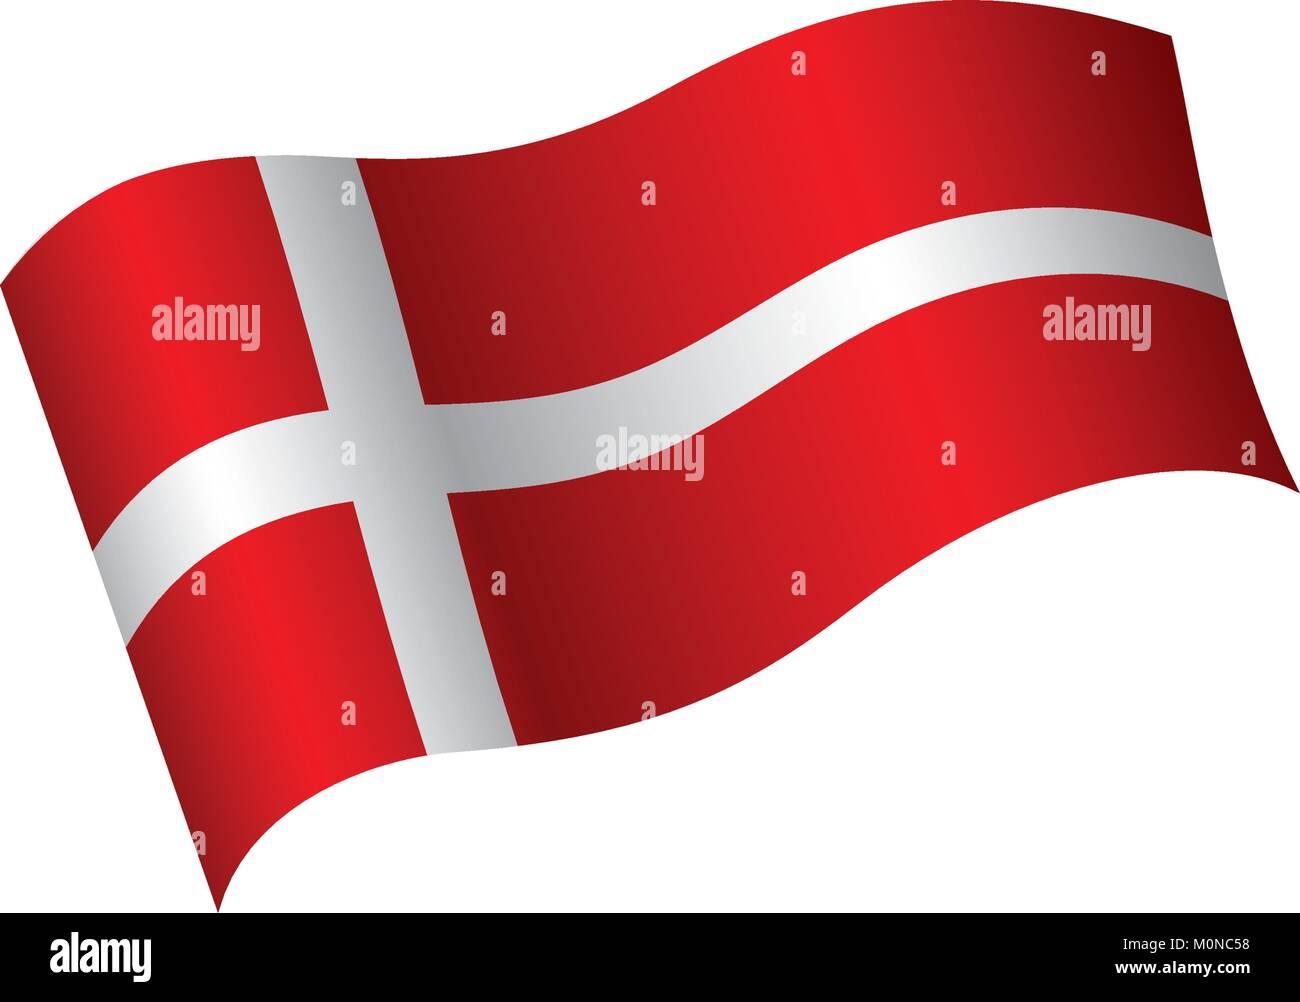 Danmark bandera, ilustración vectorial Ilustración del Vector